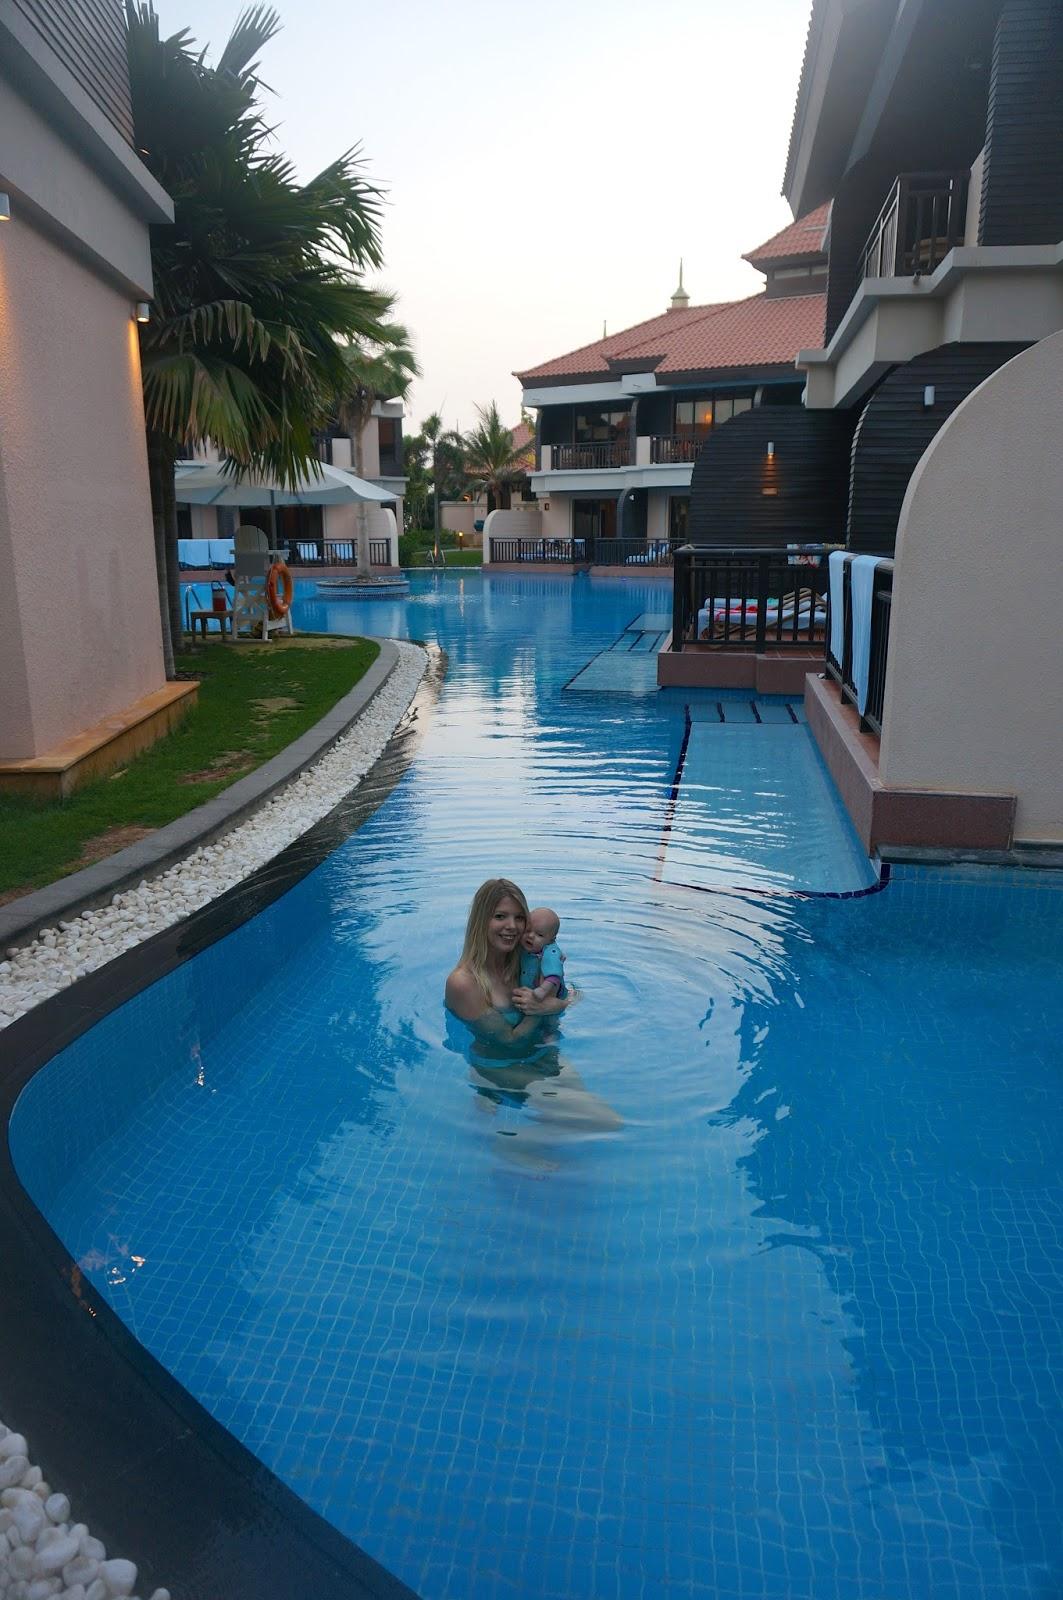 Unexpected Serenity at Anantara Dubai